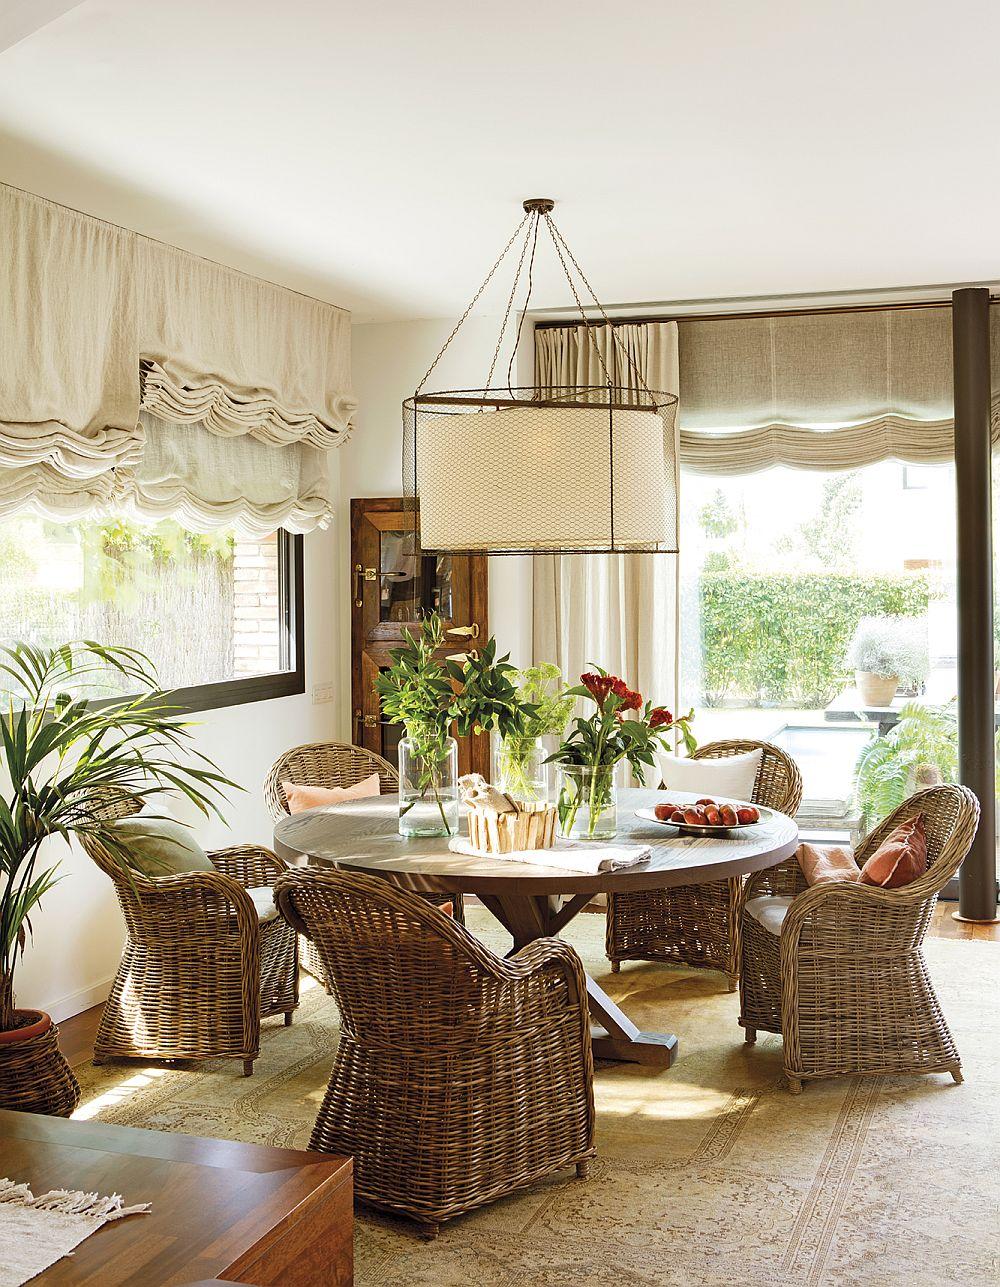 Pentru locul de masă s-au ales piese de mobilier care sunt de regulă din gama celui destinat pentru terasă și grădină. Zona, completată de țesături textile, devine mult mai caldă și confortabilă. Este vorba de nuanțe naturale, dar și texturi familiare.